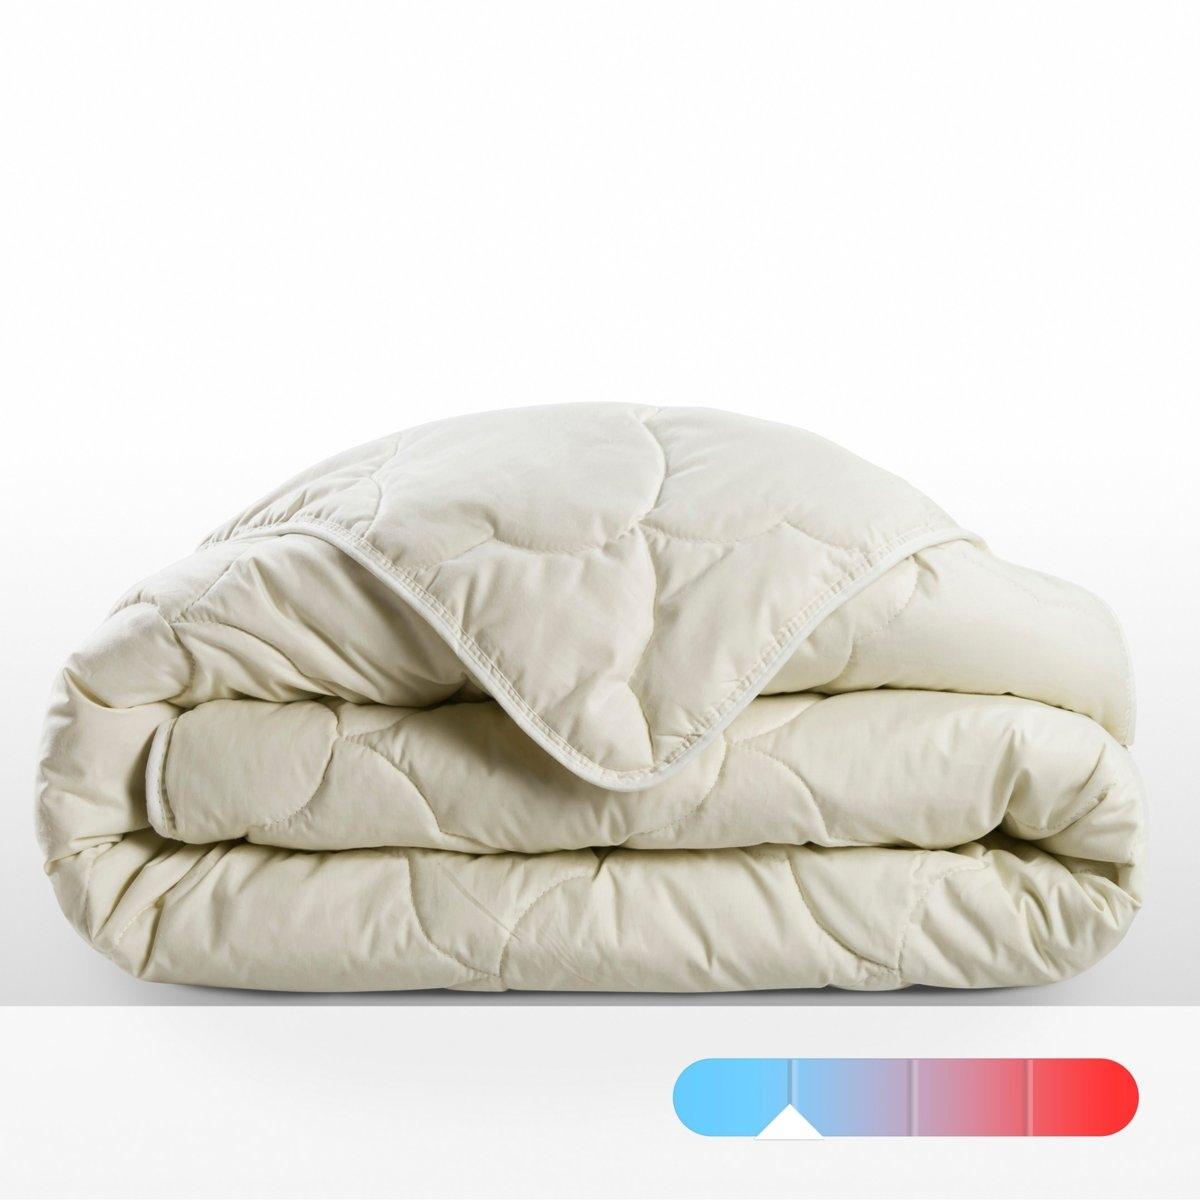 Одеяло летнееНатуральное, экологически чистое ле одеяло, 250 г/м?, легкое и прохладное.Наполнитель из экологически чистого льна абсорбирует до 35% влаги и гарантирует вам комфортный и живительный сон.Специальный экологически чистый летний наполнитель: 60 % льна и 40 % шелка.Верх: из 100% хлопковой ткани. Отделка кантом. Простегано облаками. Стирка при 30°.Идеально для лета.Сертификат OEKO- TEX<br><br>Цвет: экрю<br>Размер: 140 x 200  см